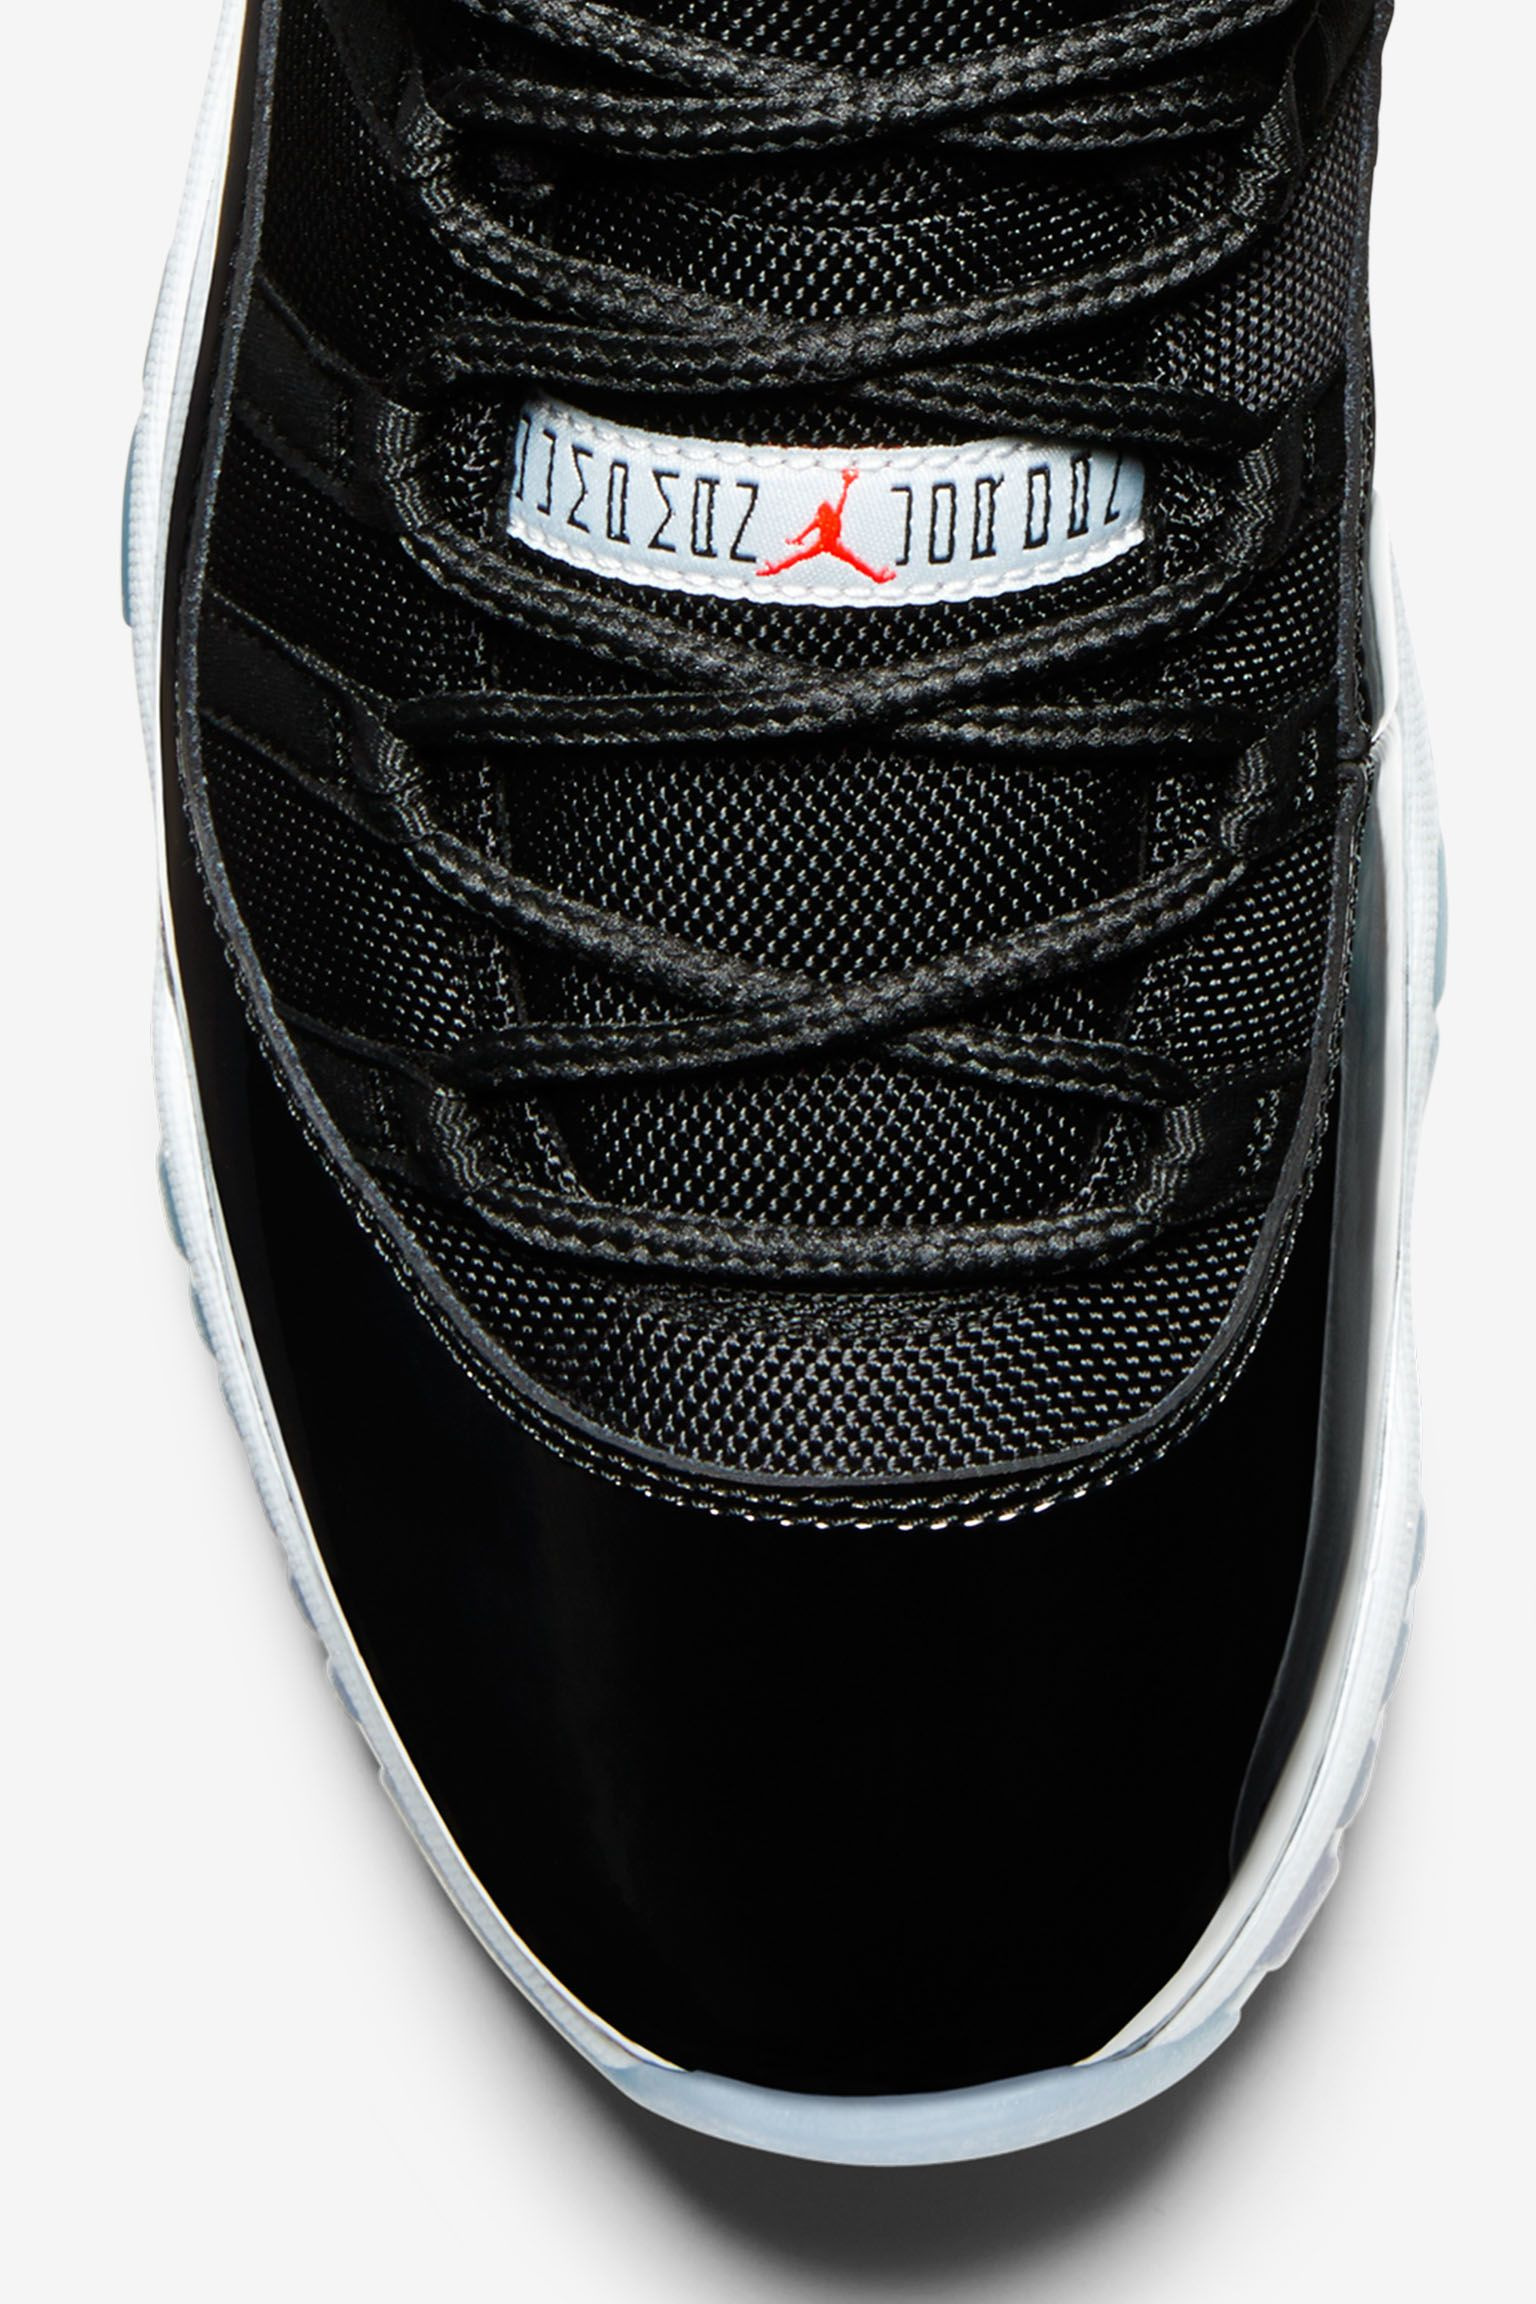 Air Jordan 11 Retro Low 'Infrared 23'. Release Date